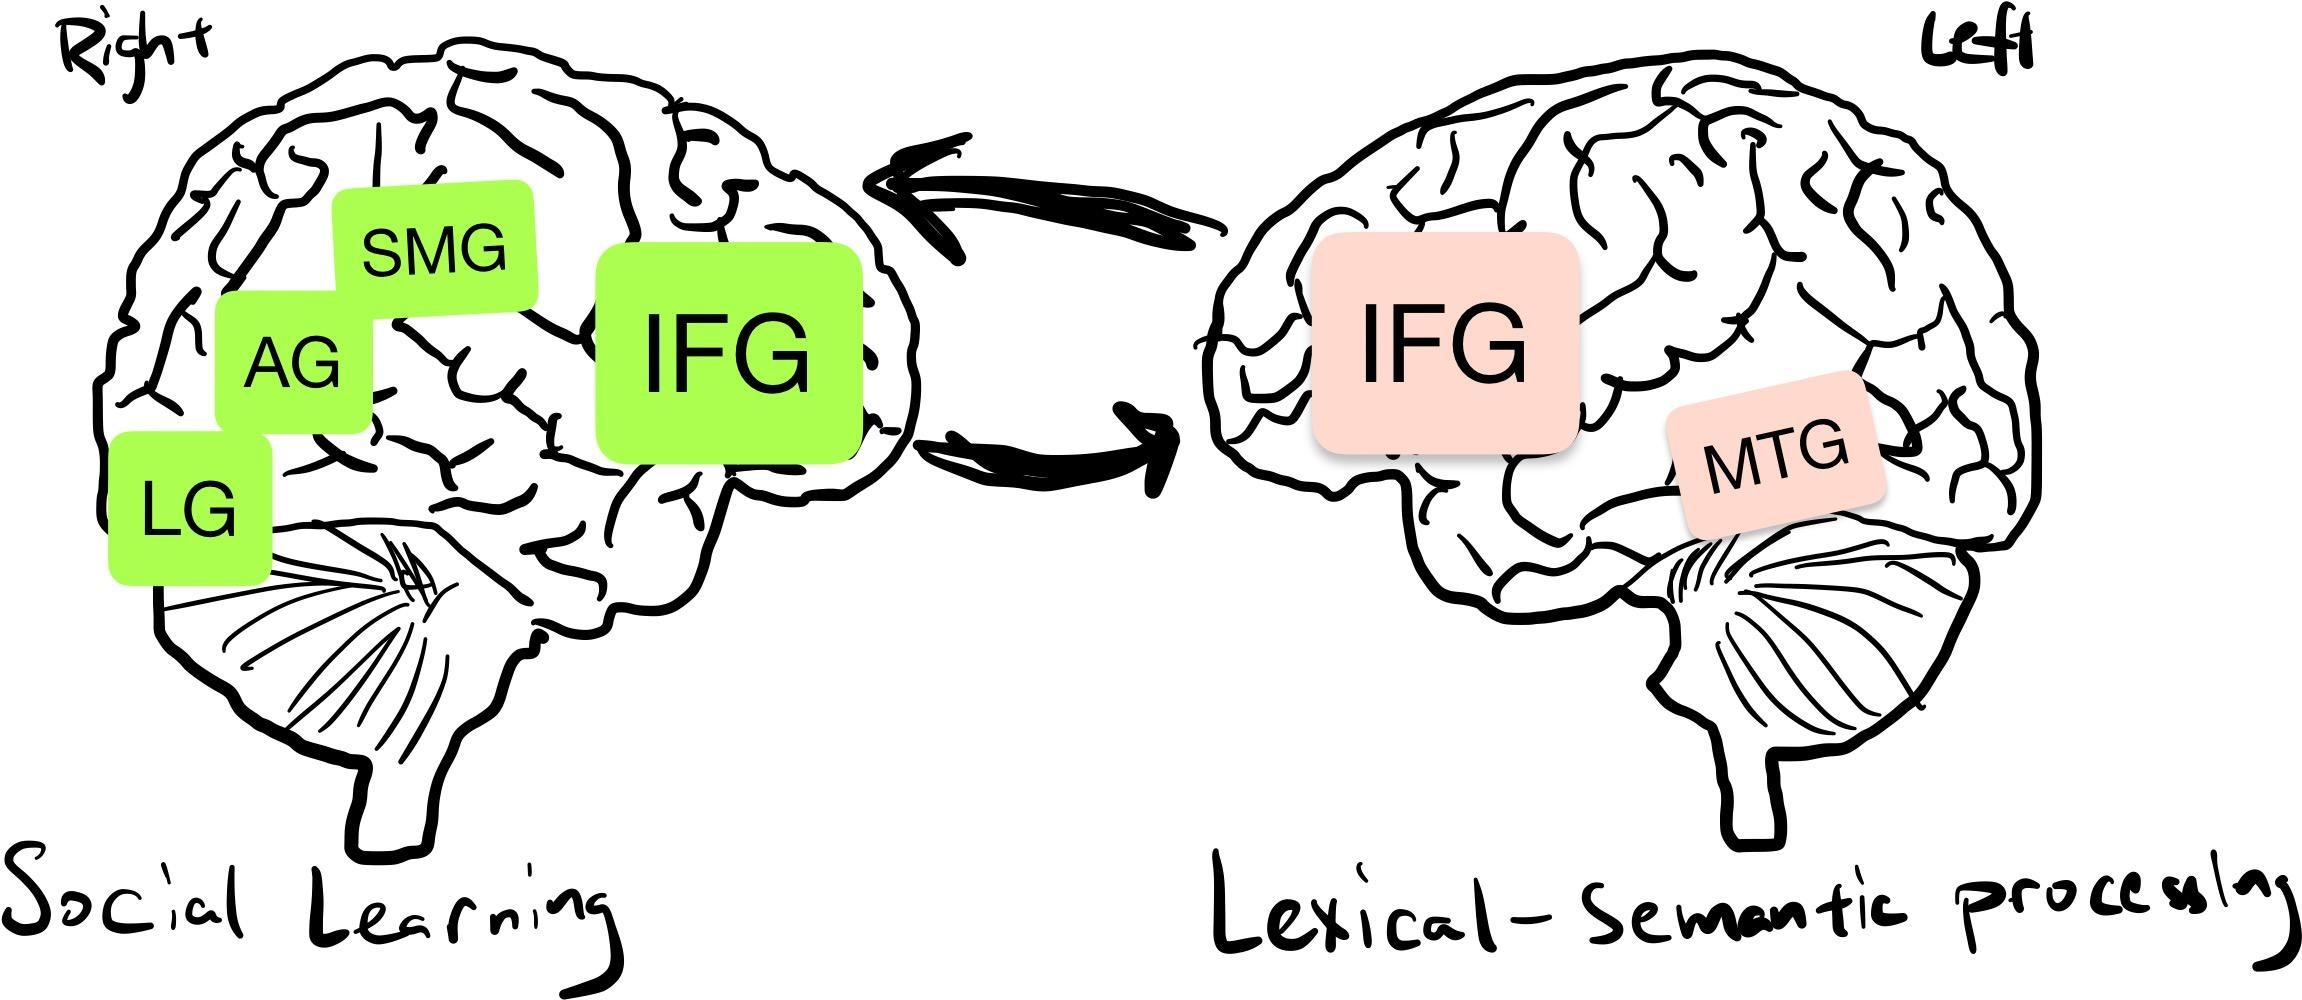 SL2アプローチに関与する脳領域を大まかに示した図